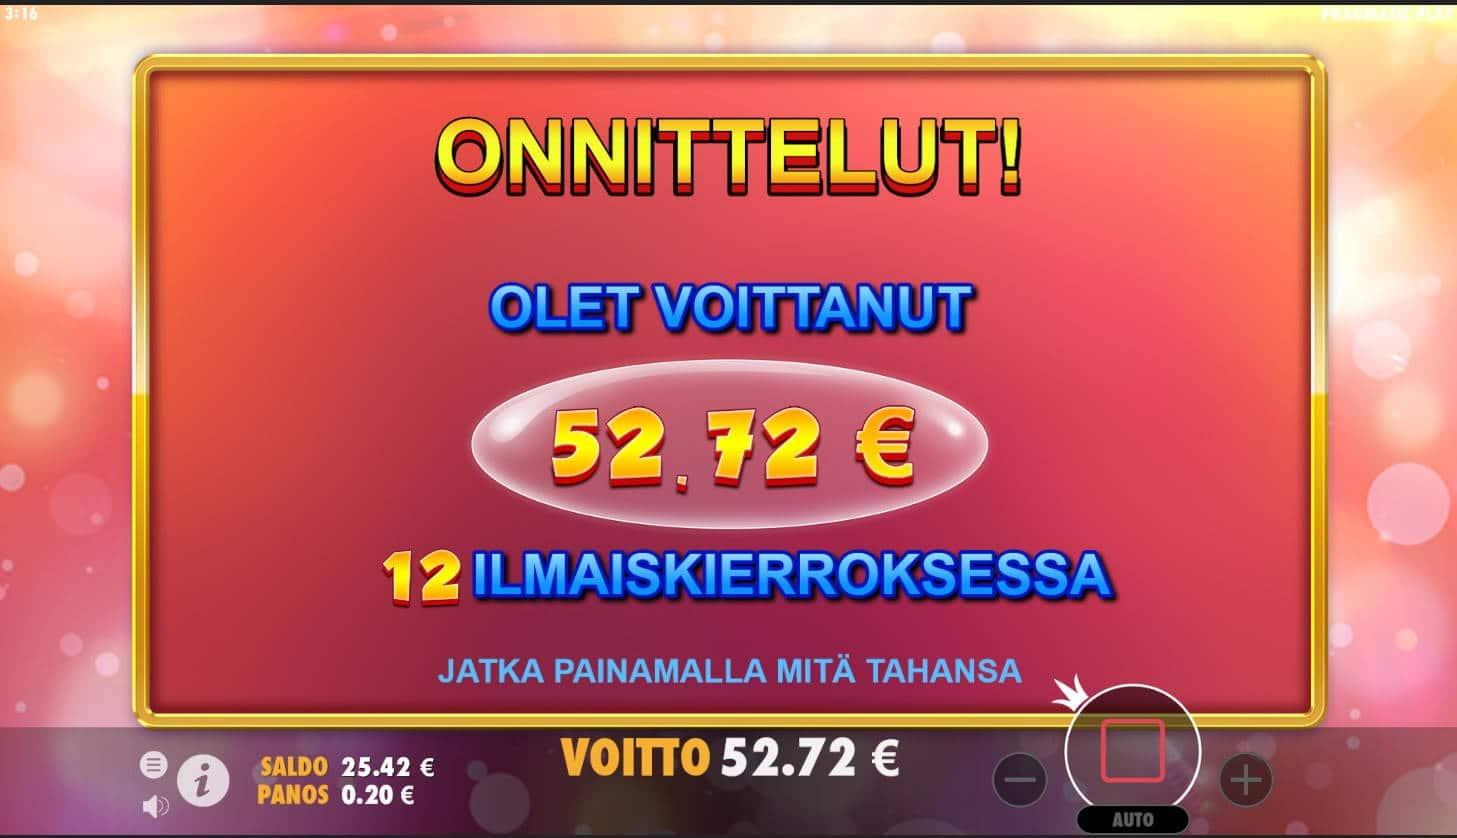 Extra Juicy Casino win picture by Mrmork666 28.4.2021 82.72e 264X